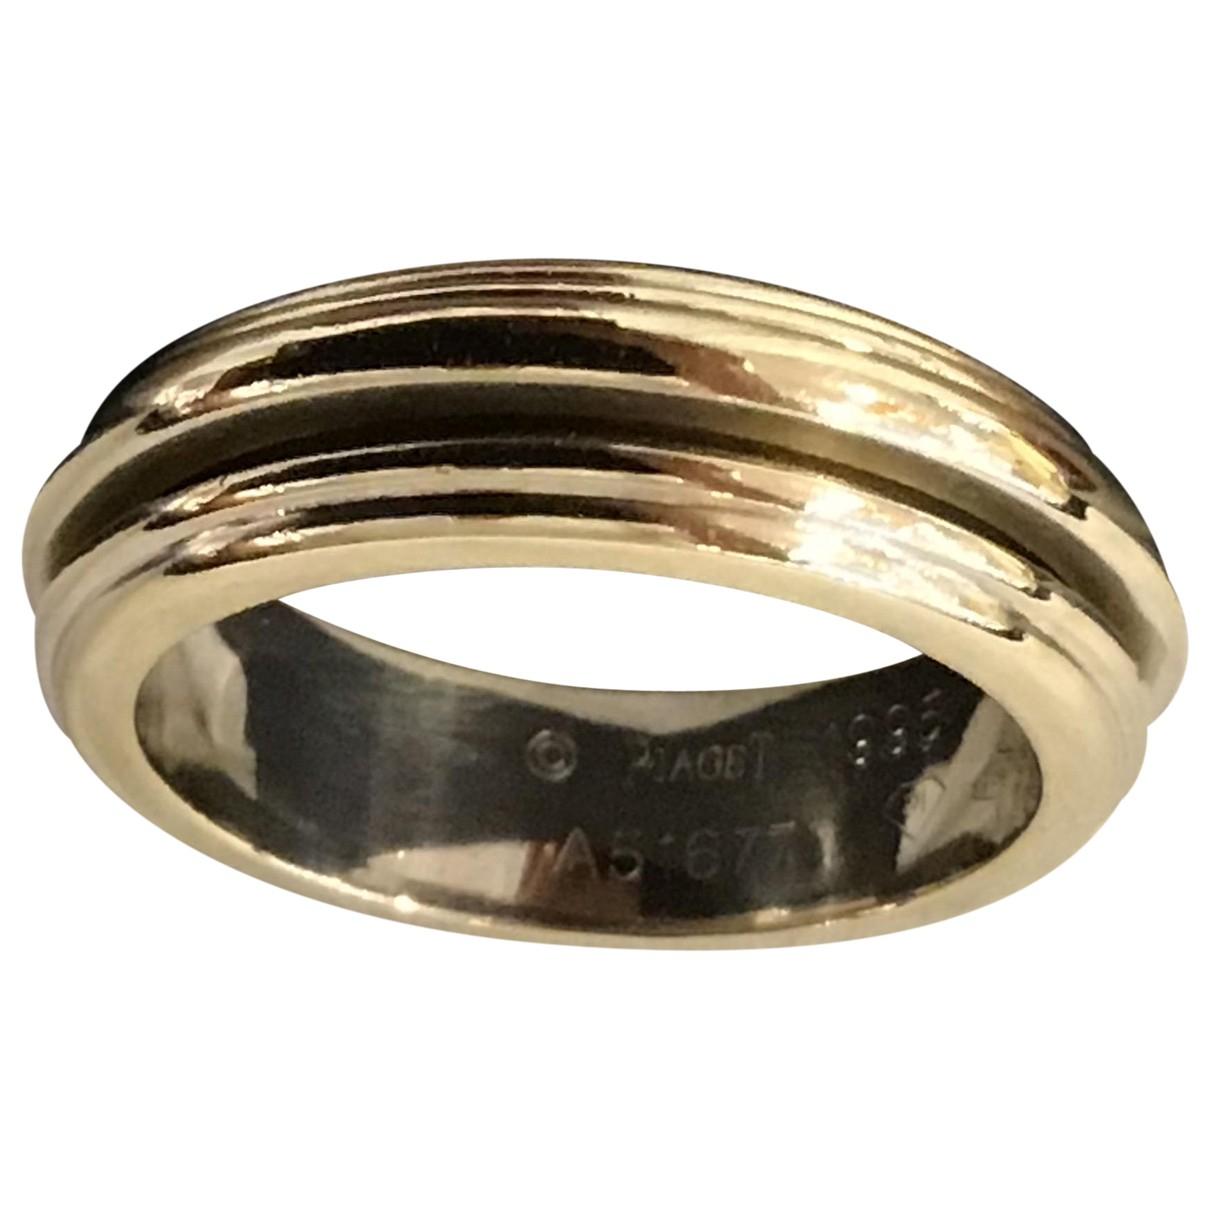 Piaget Possession White White gold ring for Women 54 MM